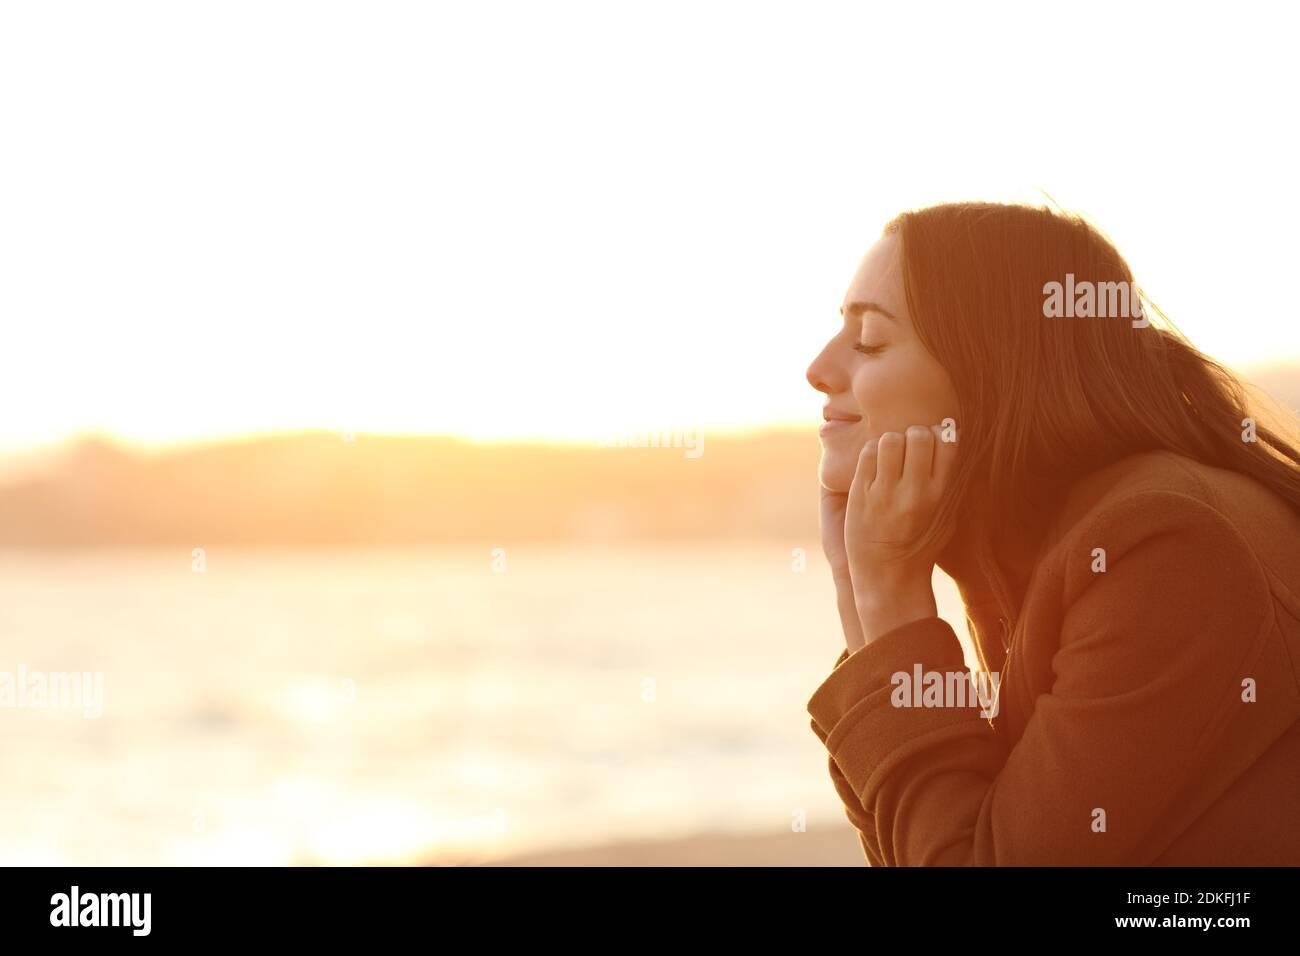 Profil d'une femme avec les yeux fermés au coucher du soleil relaxant l'esprit sur la plage en hiver Banque D'Images